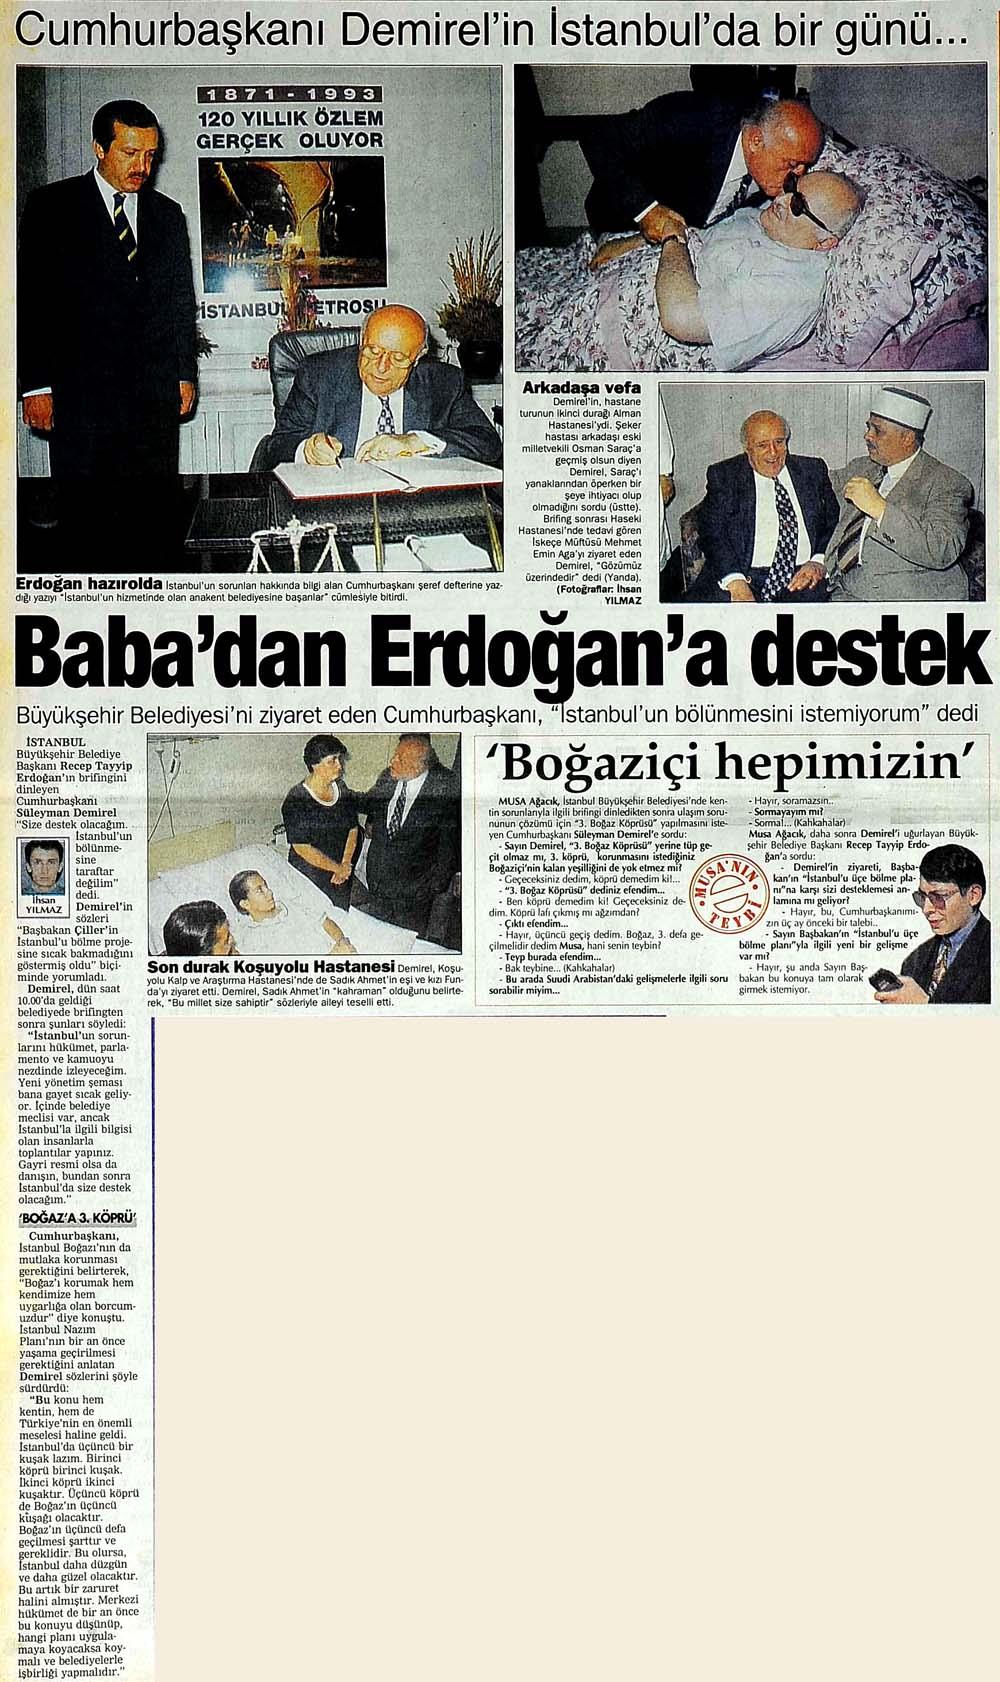 Baba'dan Erdoğan'a destek